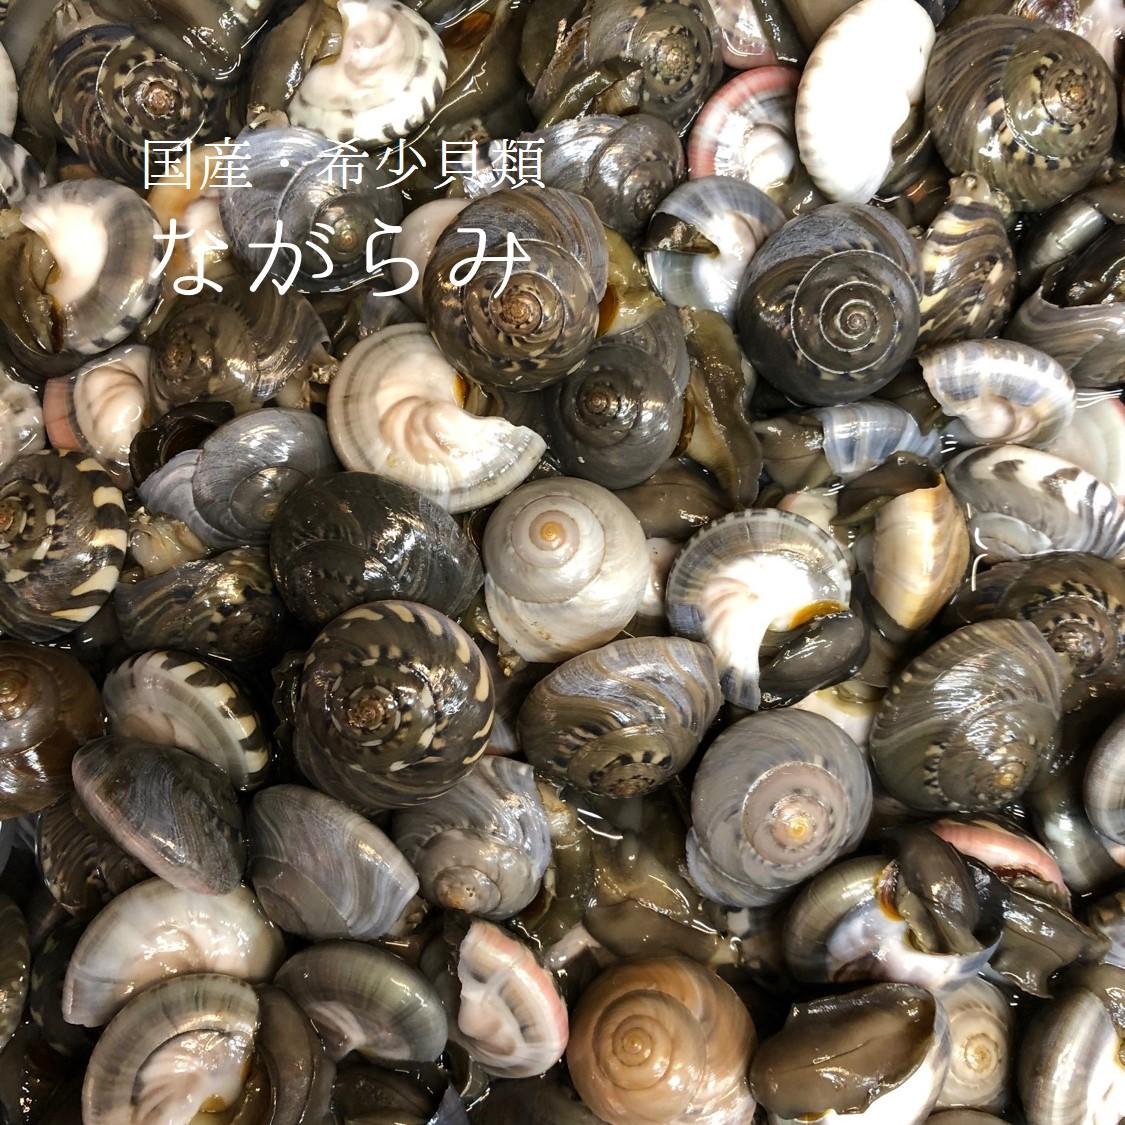 ちょっと珍しい貝類です 定番の塩茹ではお酒が進みます 生 ながらみ 貝 国産 愛知 千葉 1kg 豊洲直送 x1kg 他 お得クーポン発行中 冷蔵 海外限定 ながら見 ダンベイキサゴ